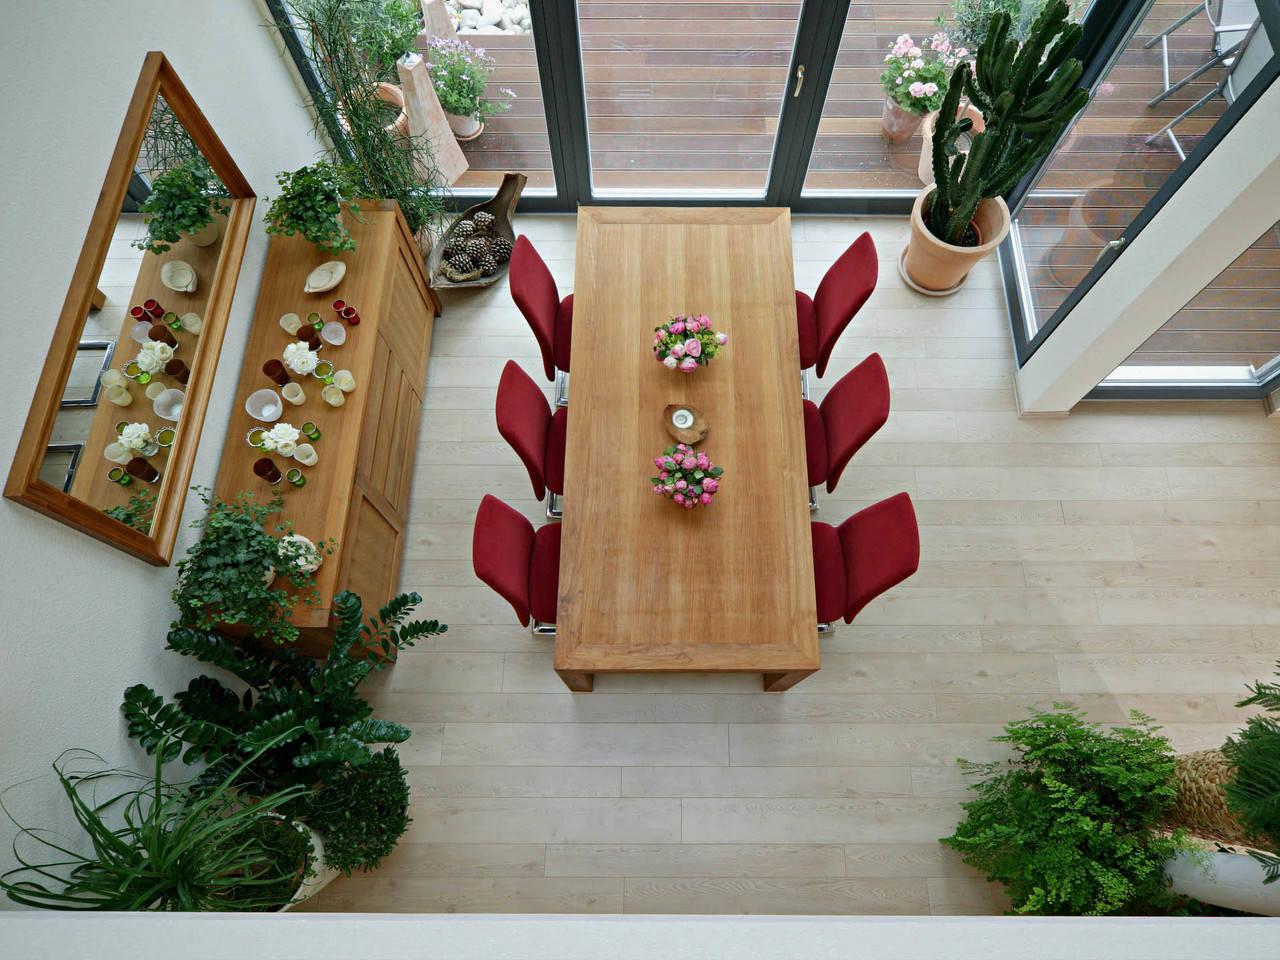 Haus Koch Fertighaus Weiss Esszimmer von oben